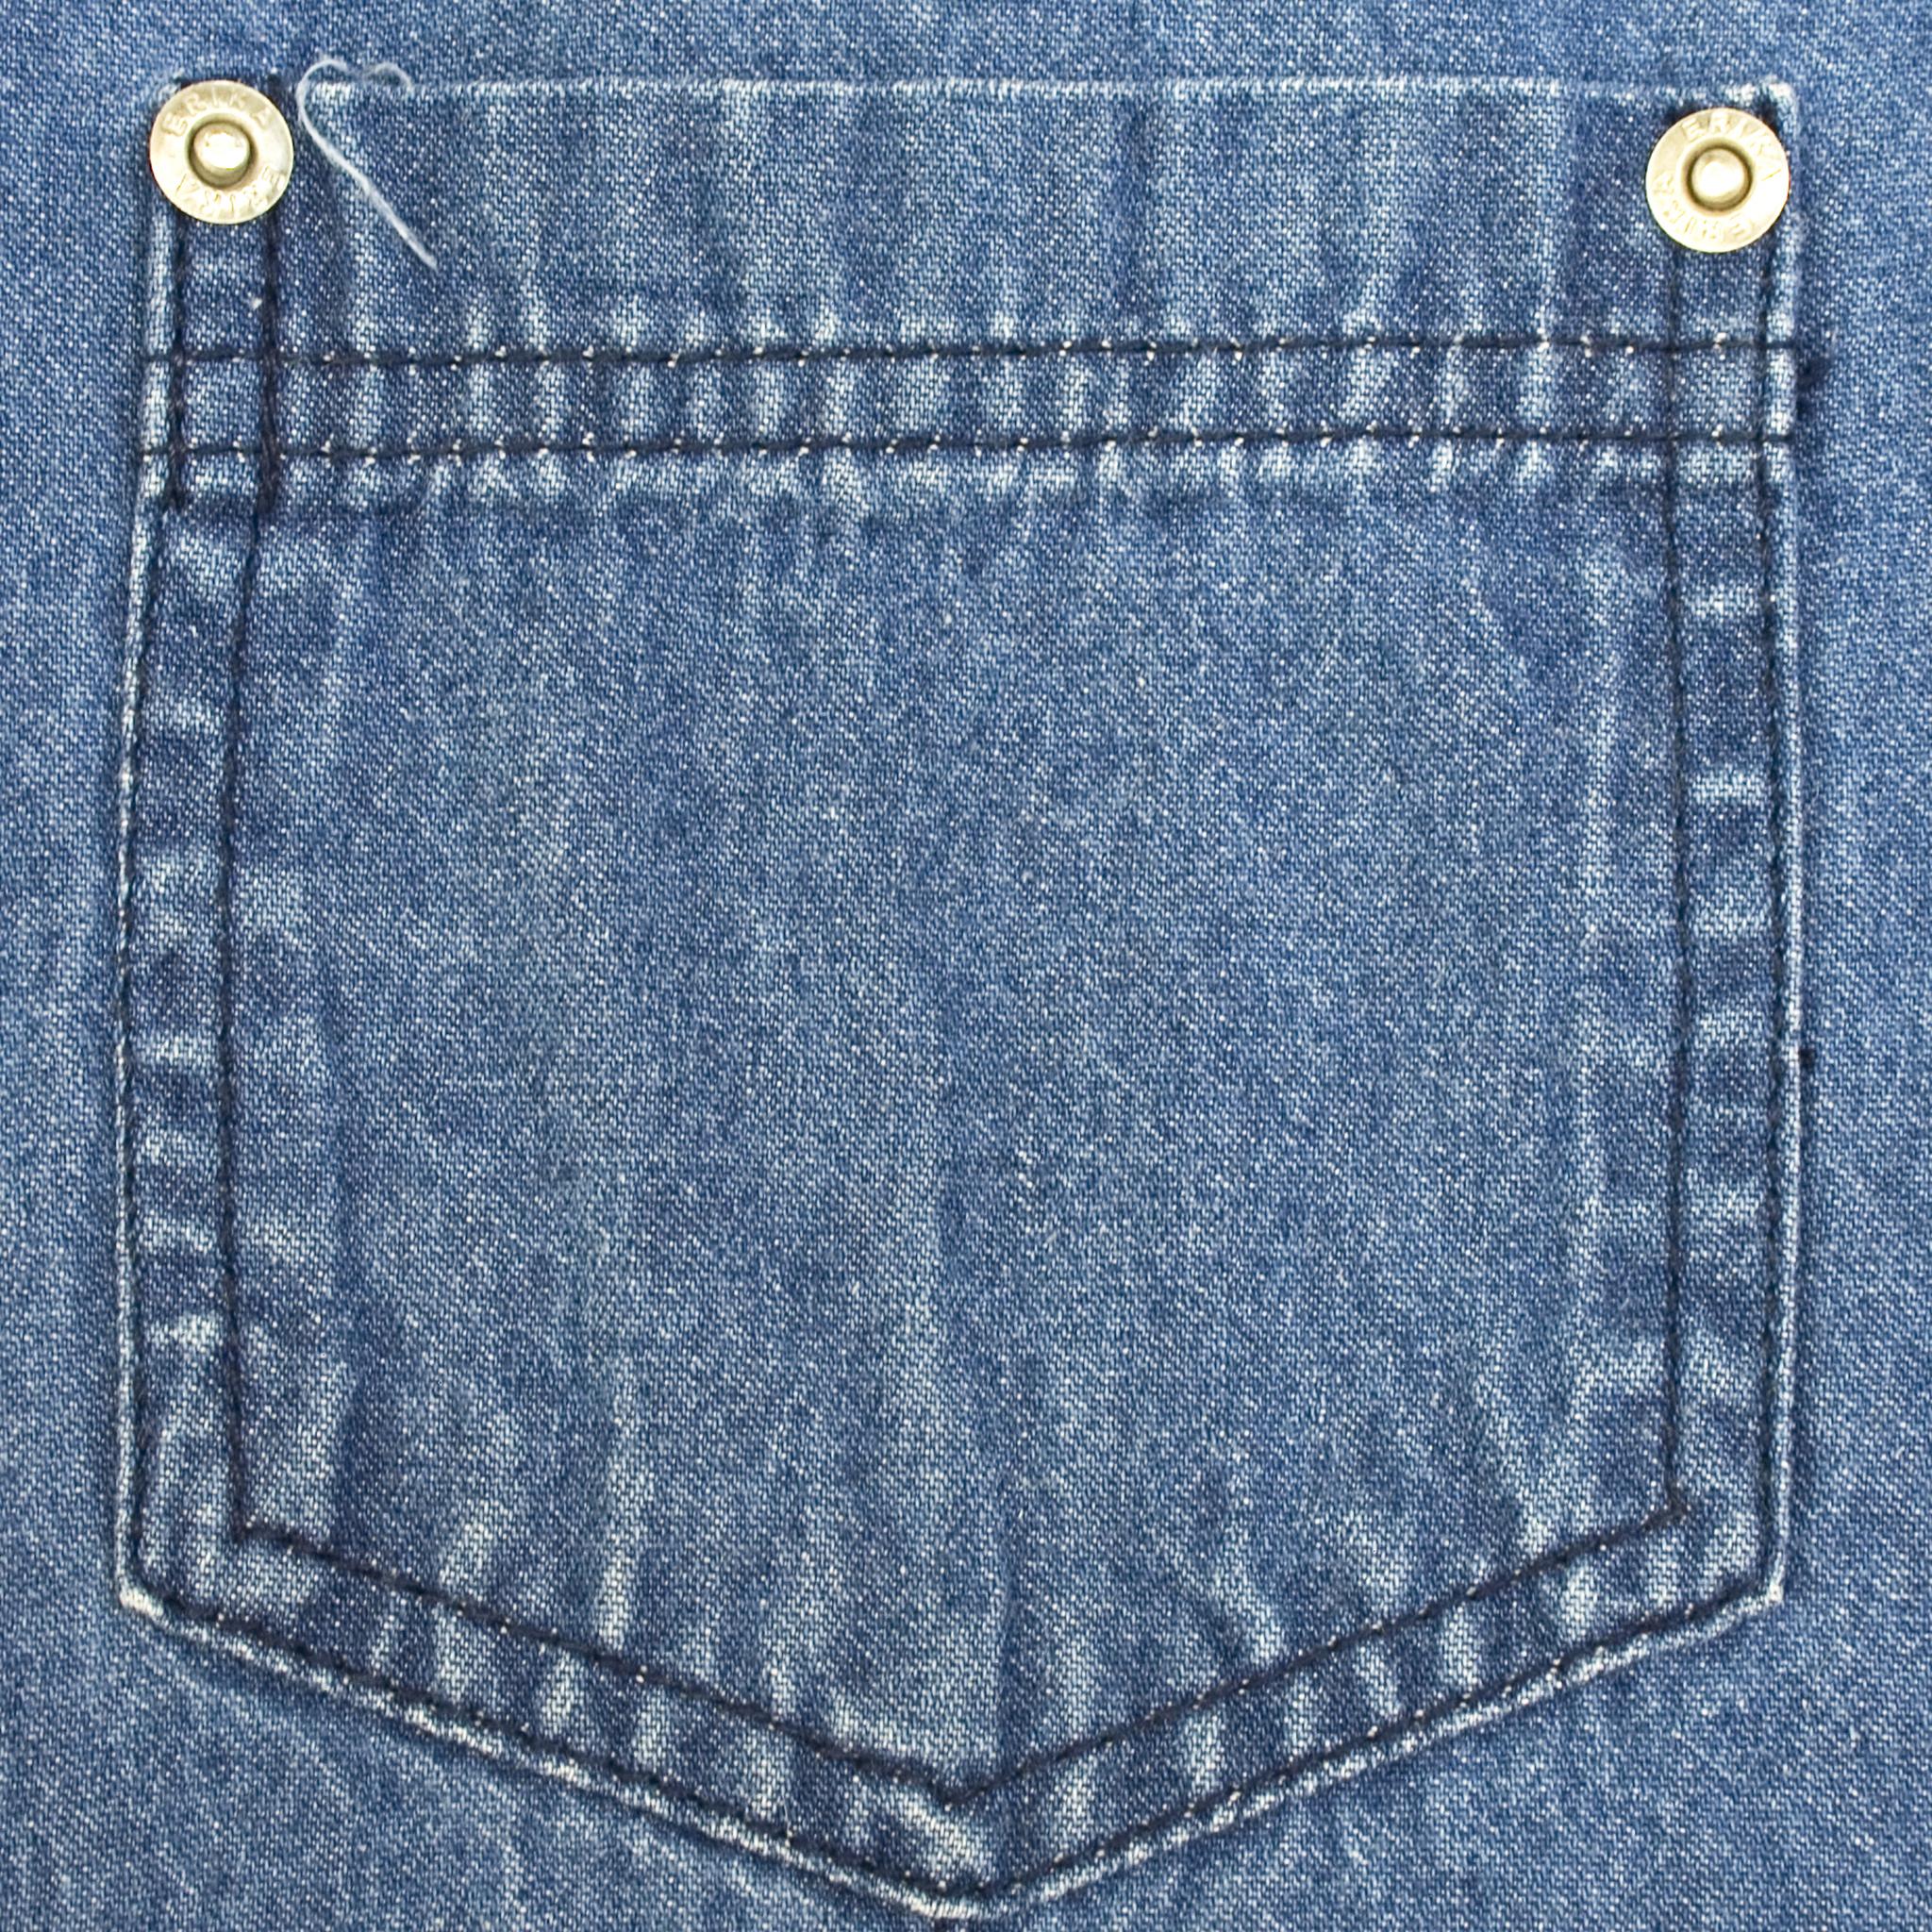 Jean Pocket.jpg